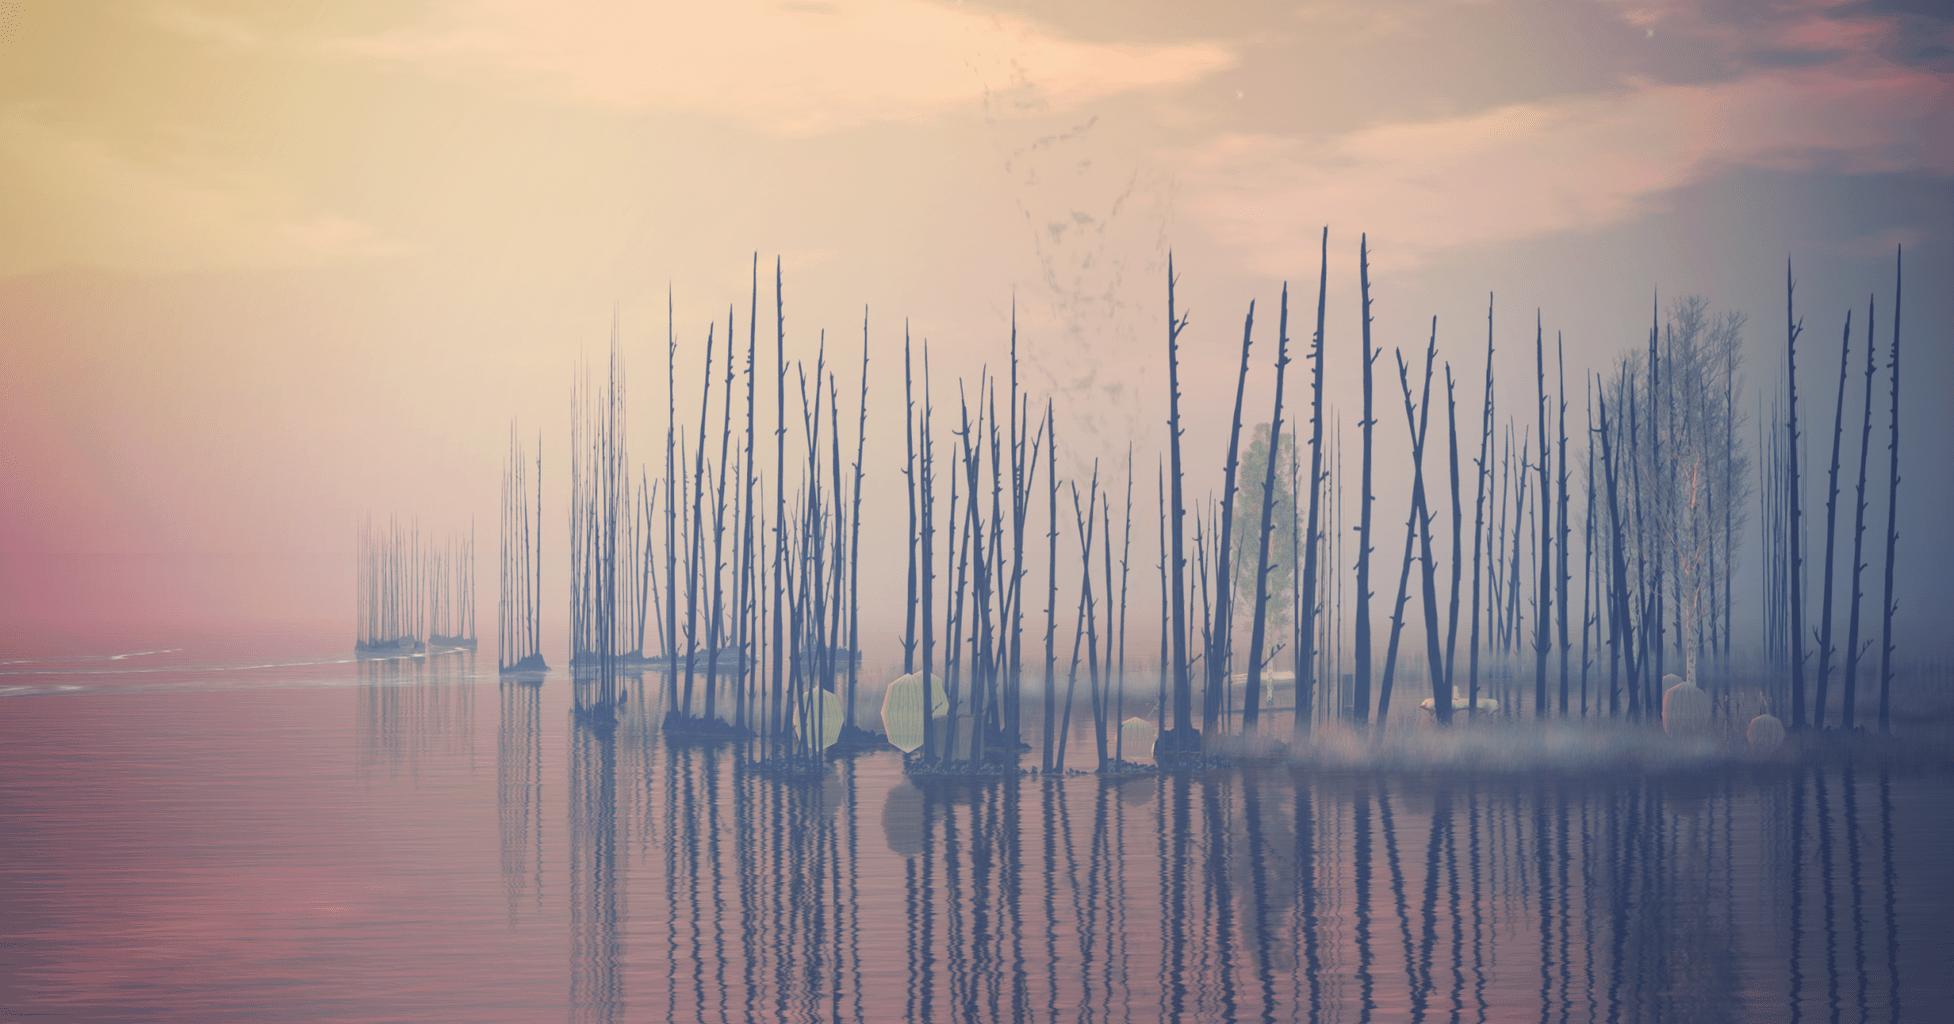 11 1 Formas De Transmitir Paz Y Tranquilidad En Tus Fotos